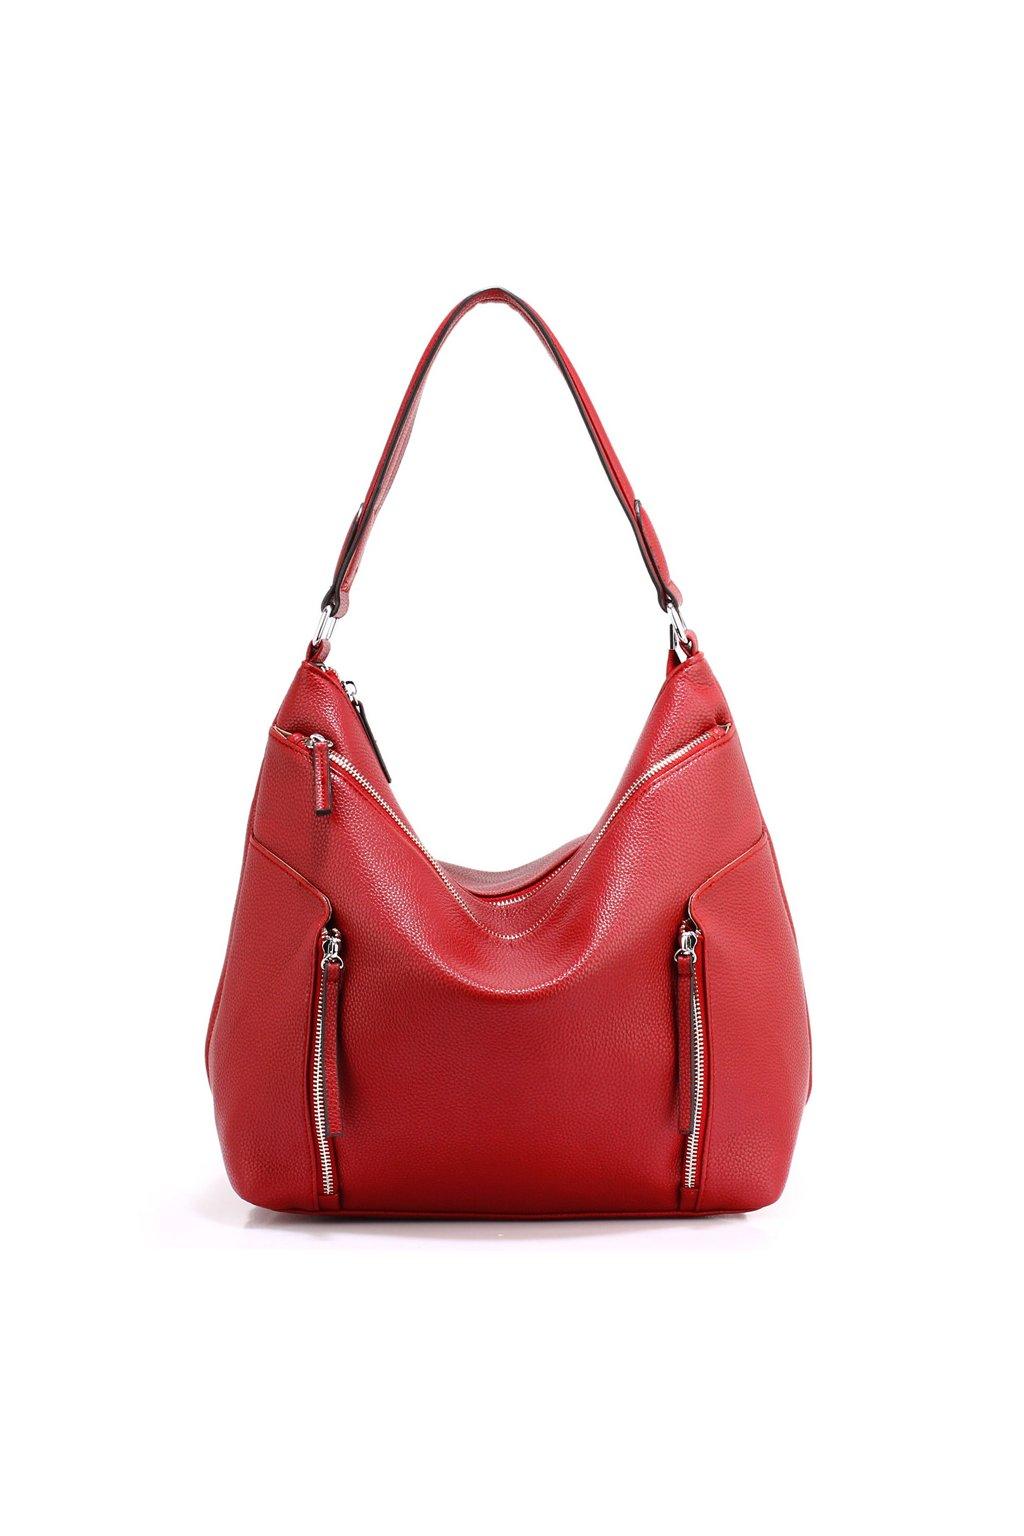 646155e46ed4 Trendy kabelka na rameno Emma červená AG00529